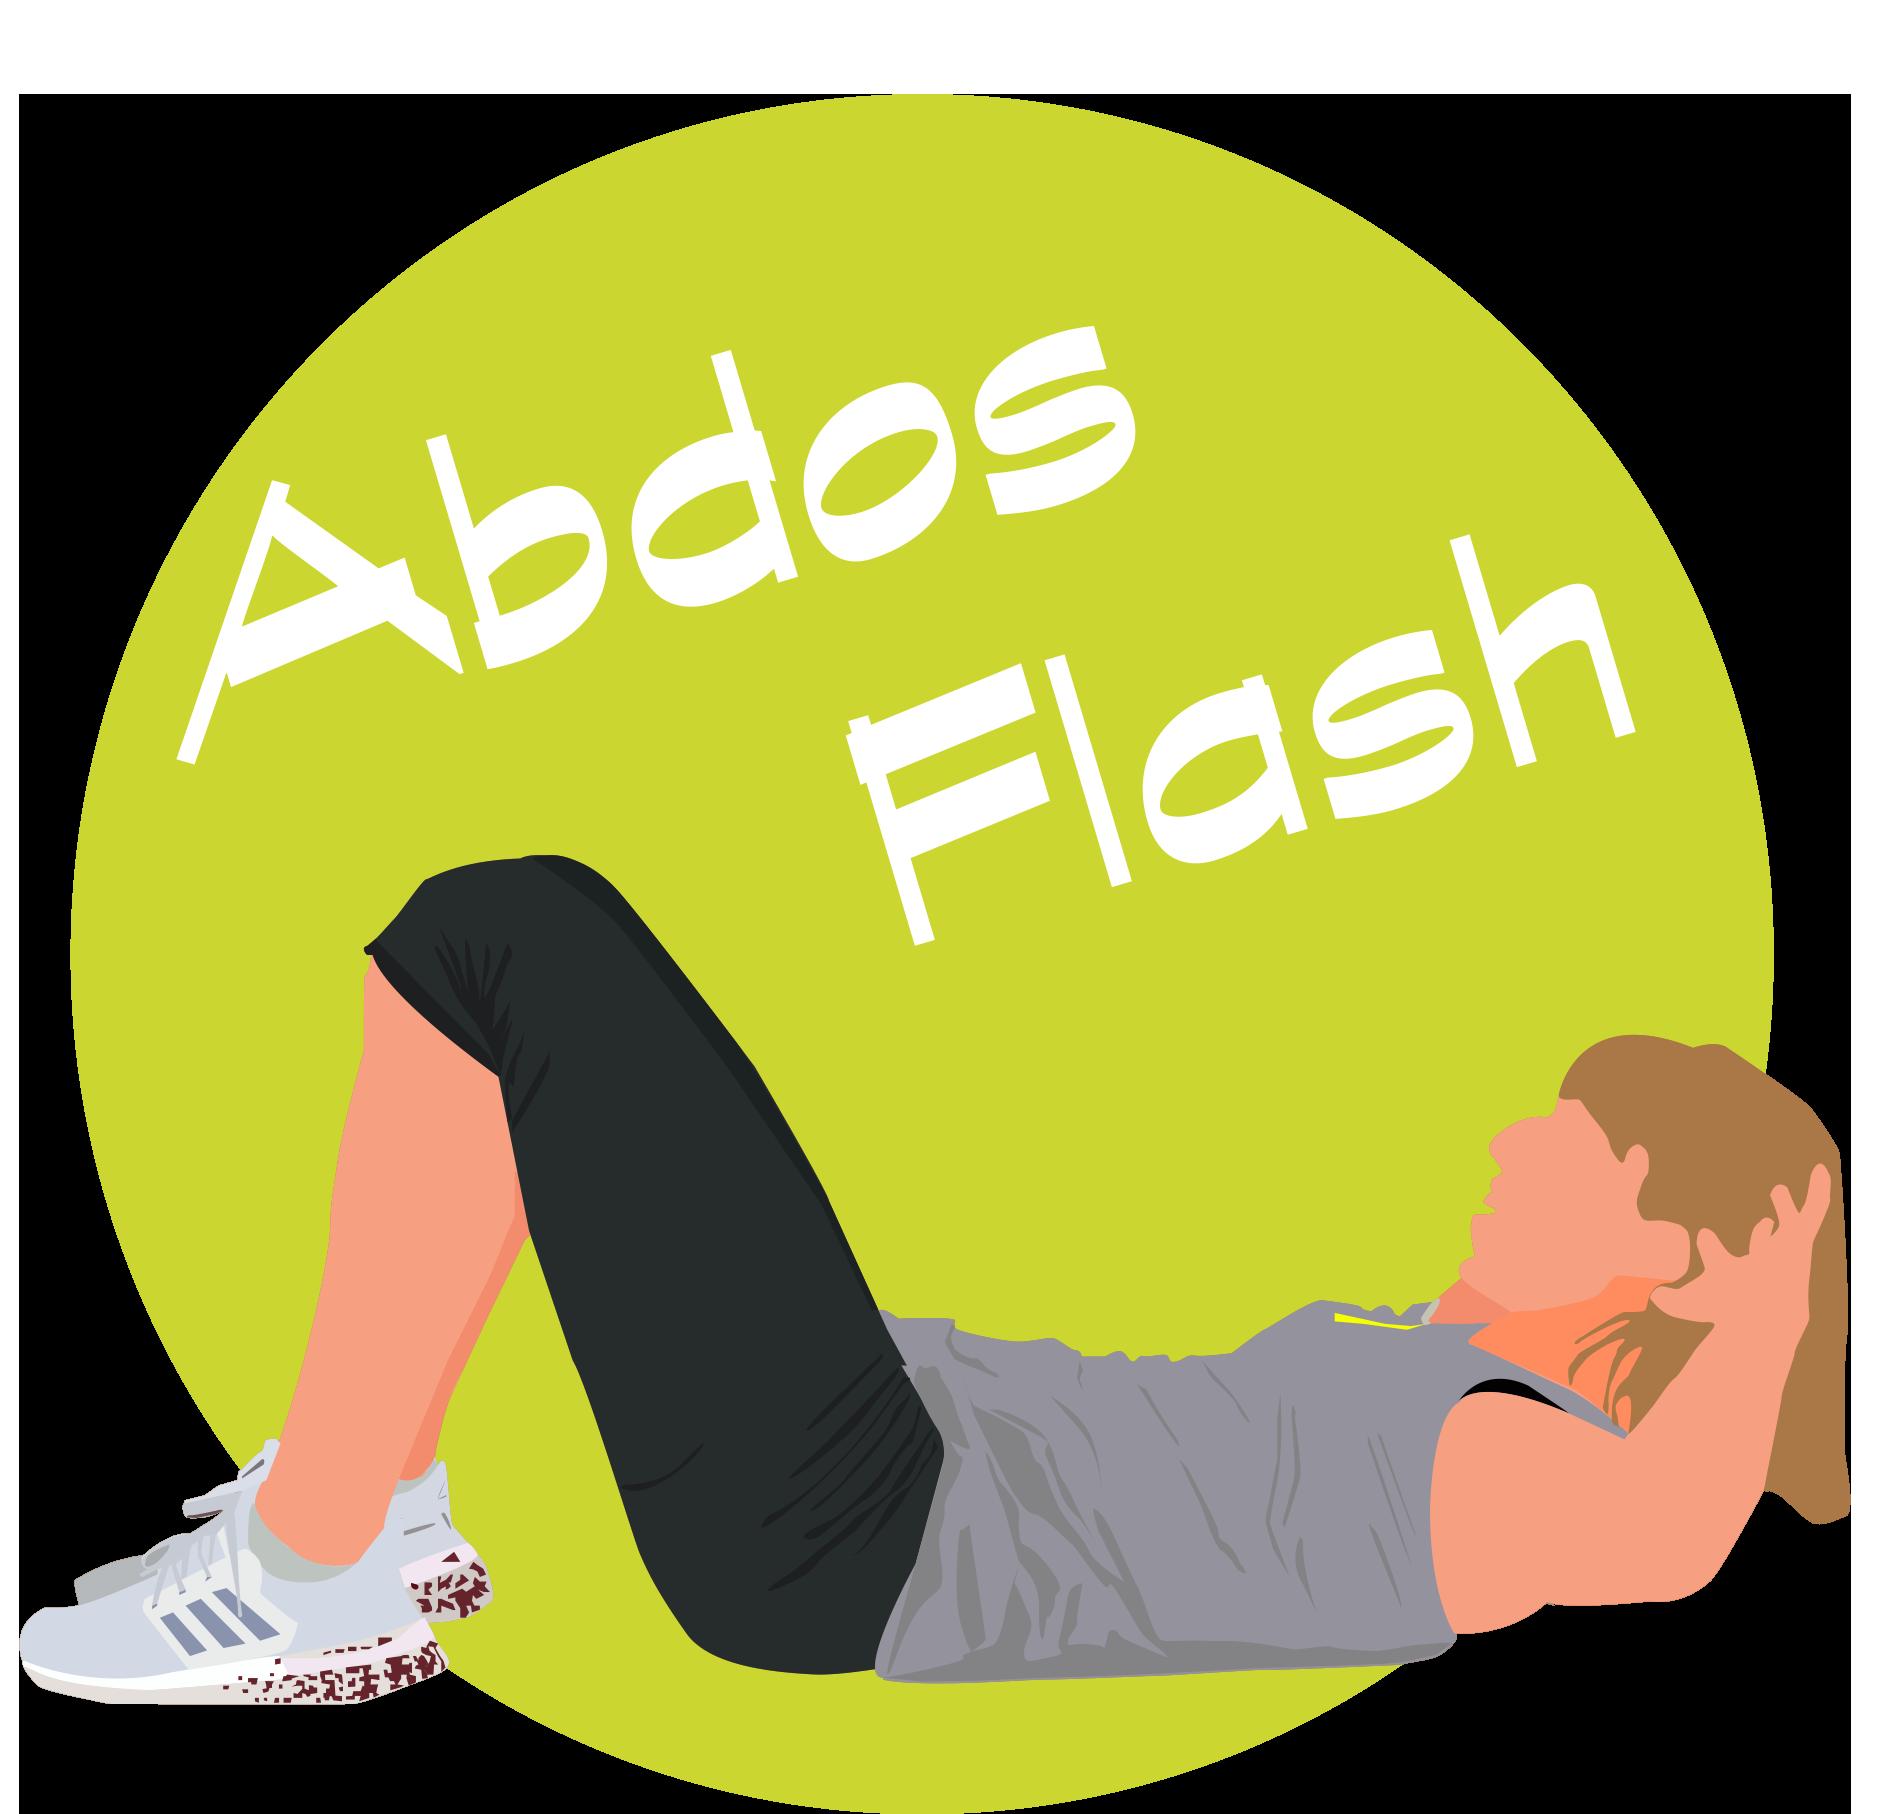 Abdos flash 2